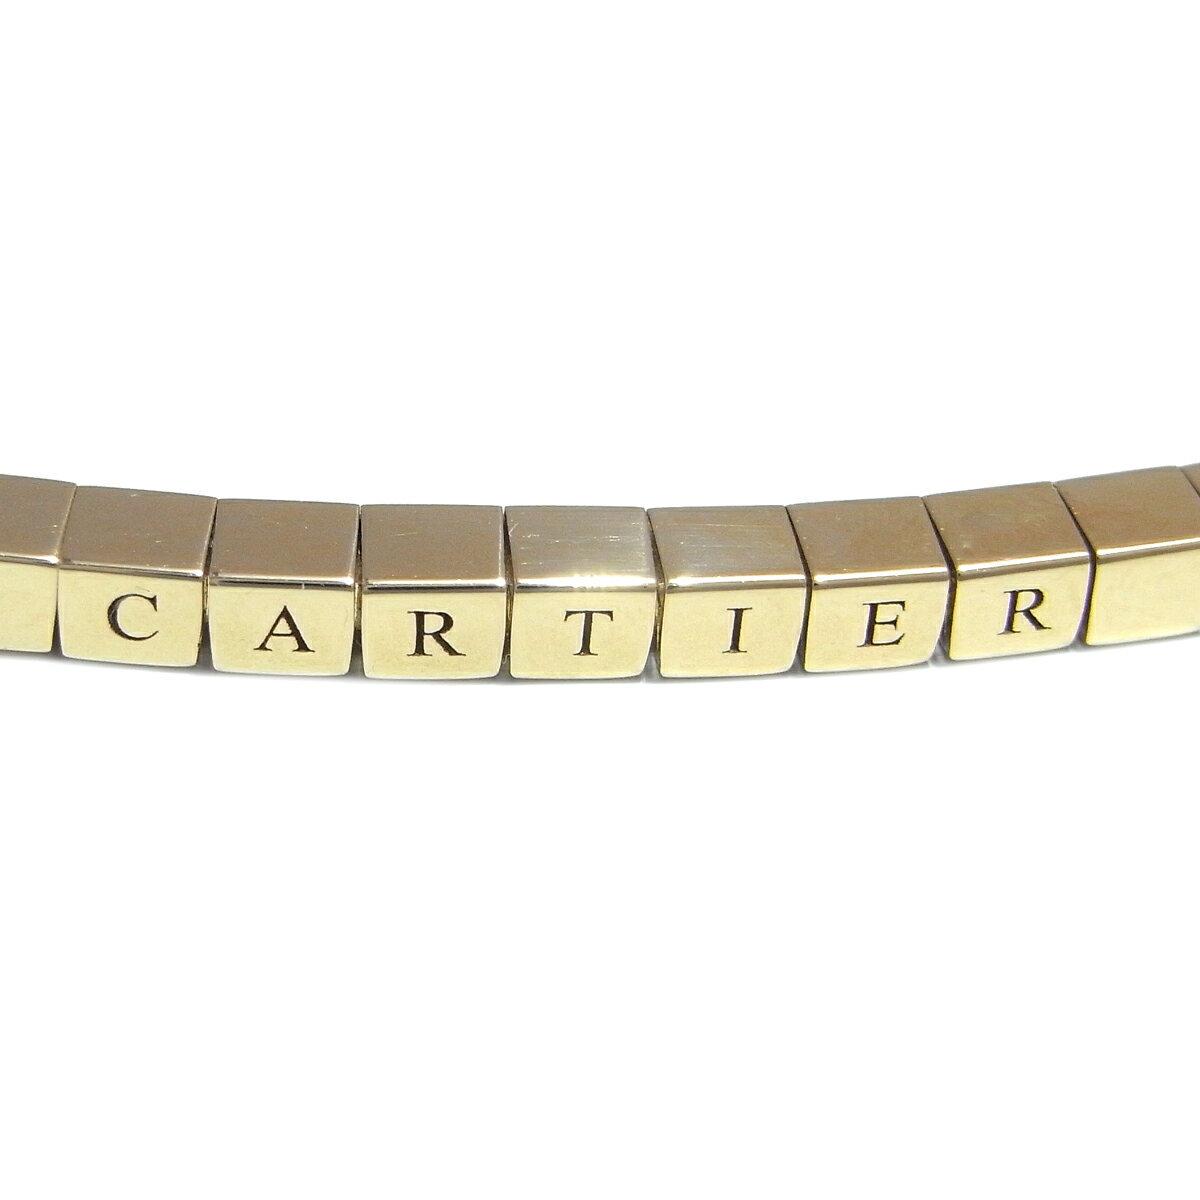 [銀座店] CARTIER カルティエ ラニエール ブレスレット 16cm ブレスレット 750イエローゴールド DH49949【大黒屋質店出品】 【店頭受取対応商品】